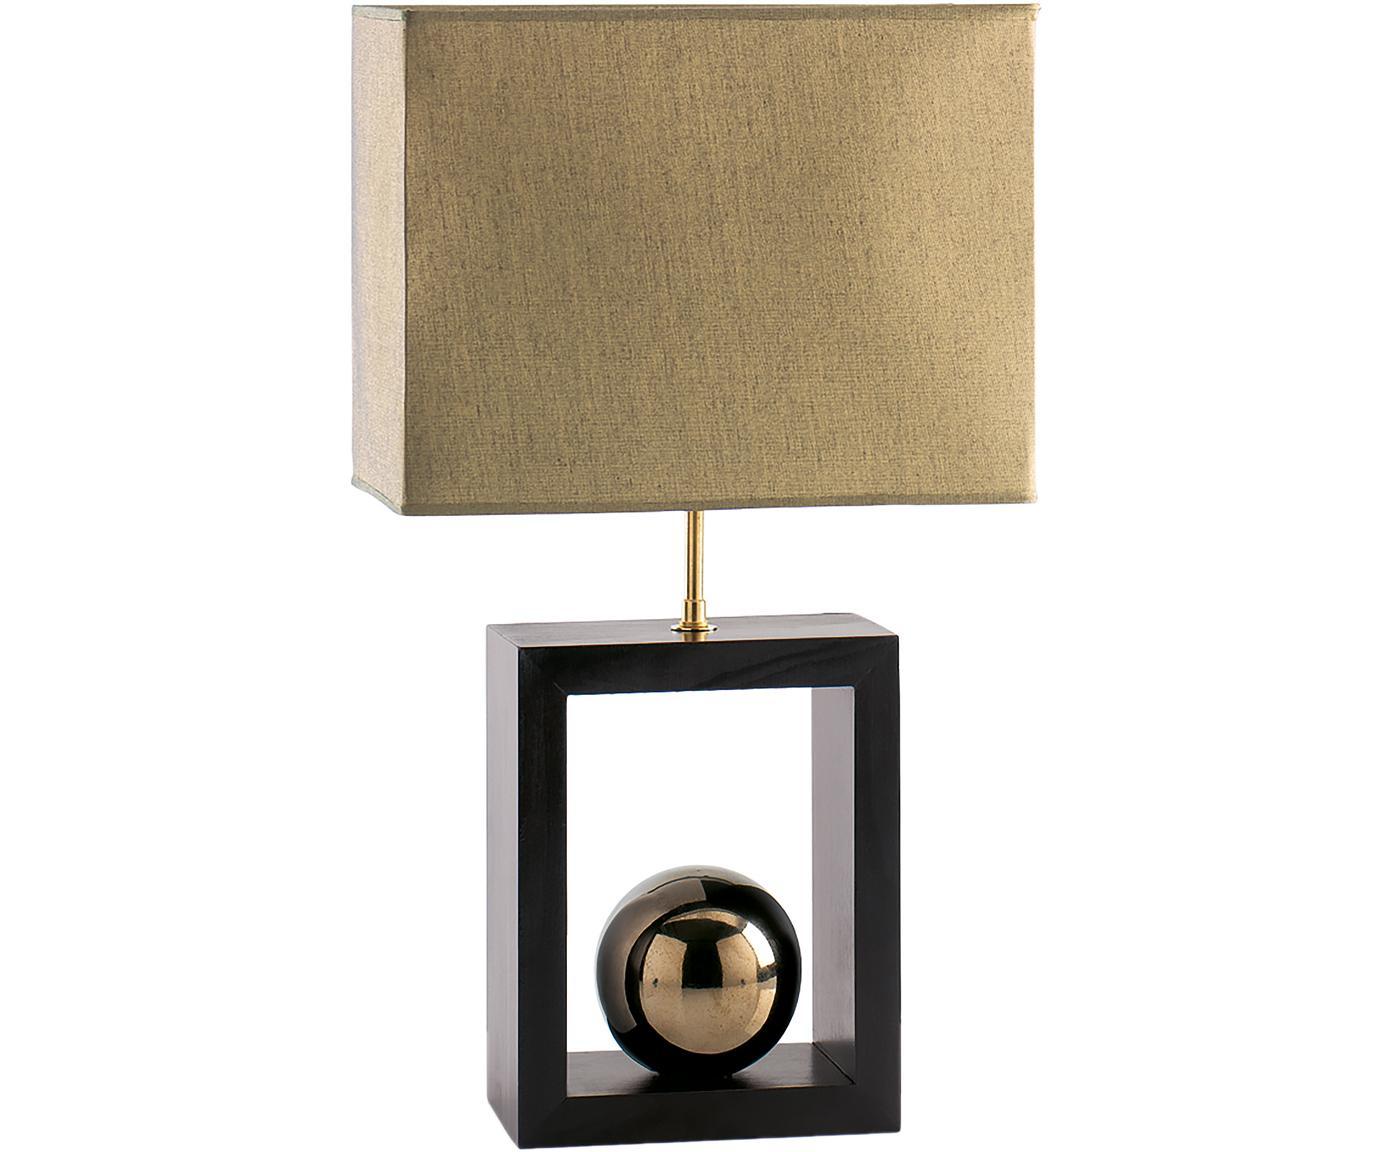 Tischleuchte Scala aus Buchenholz, Lampenschirm: Polyester, Lampenfuß: Buchenholz, lackiert, Goldfarben, Braun, 30 x 54 cm